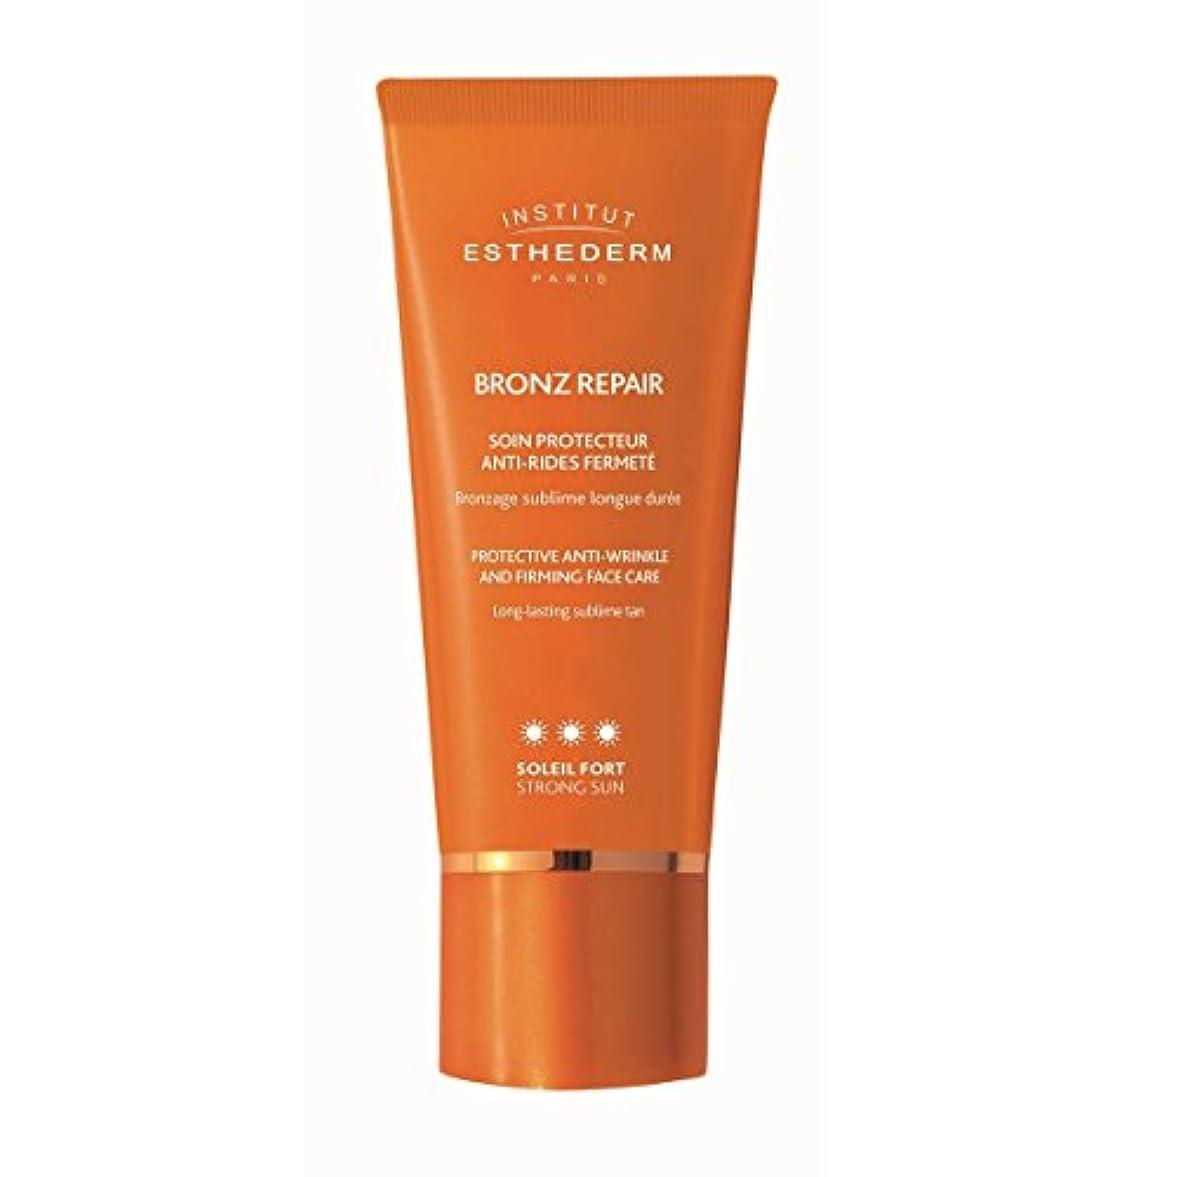 代名詞放送とげInstitut Esthederm Bronz Repair Protective Anti-wrinkle And Firming Face Care Strong Sun 50ml [並行輸入品]